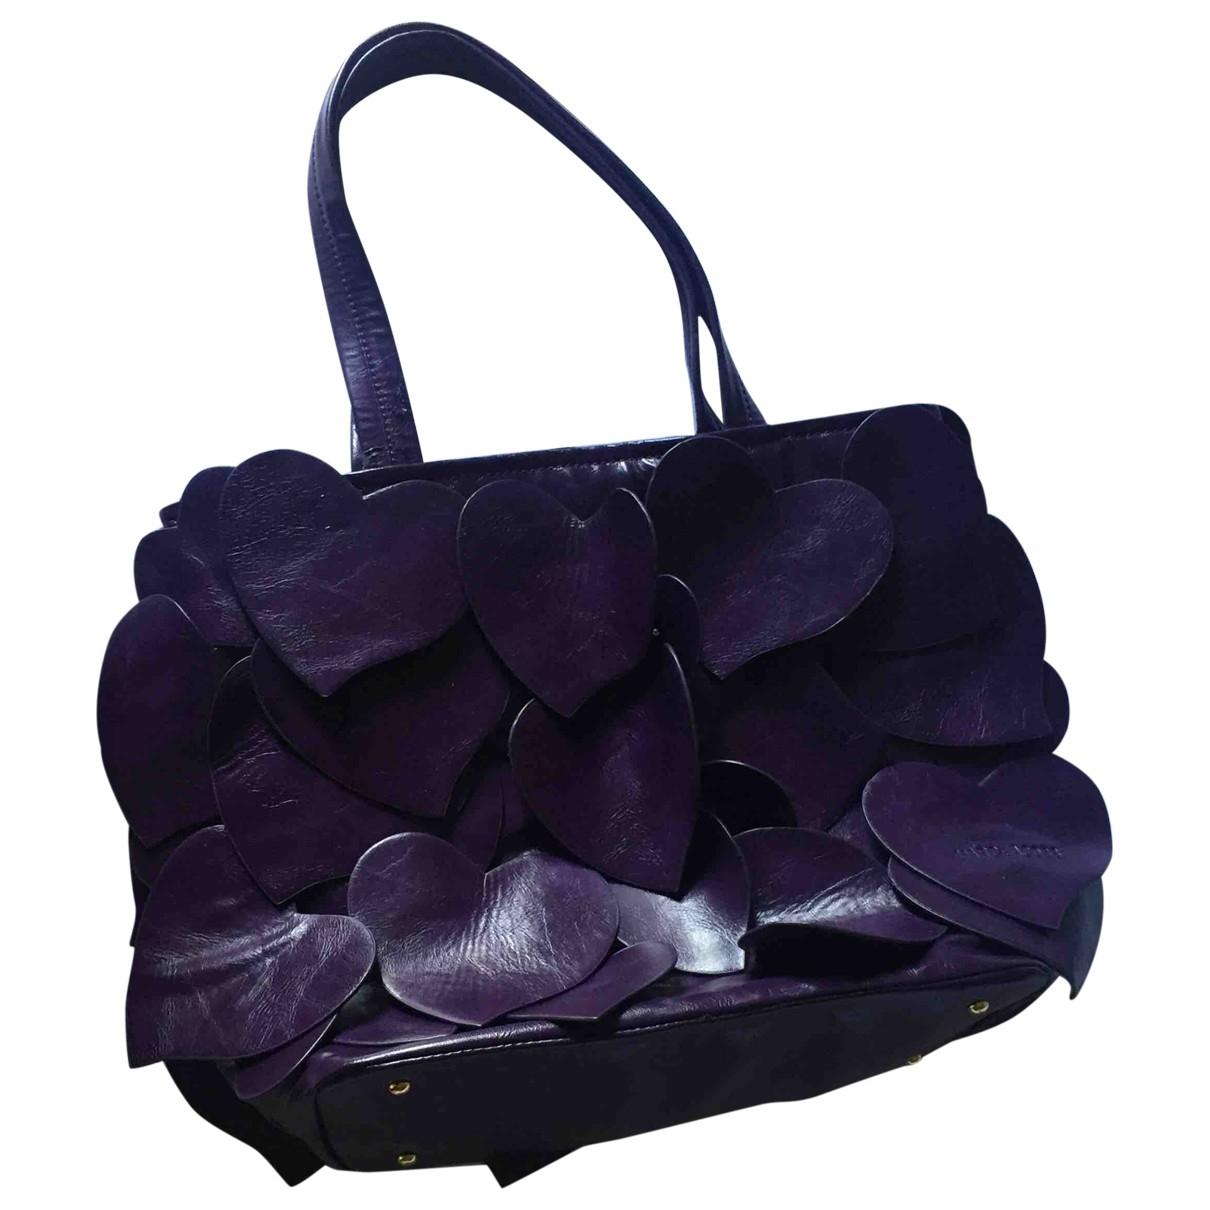 Marc Jacobs - Sac a main   pour femme en cuir - violet